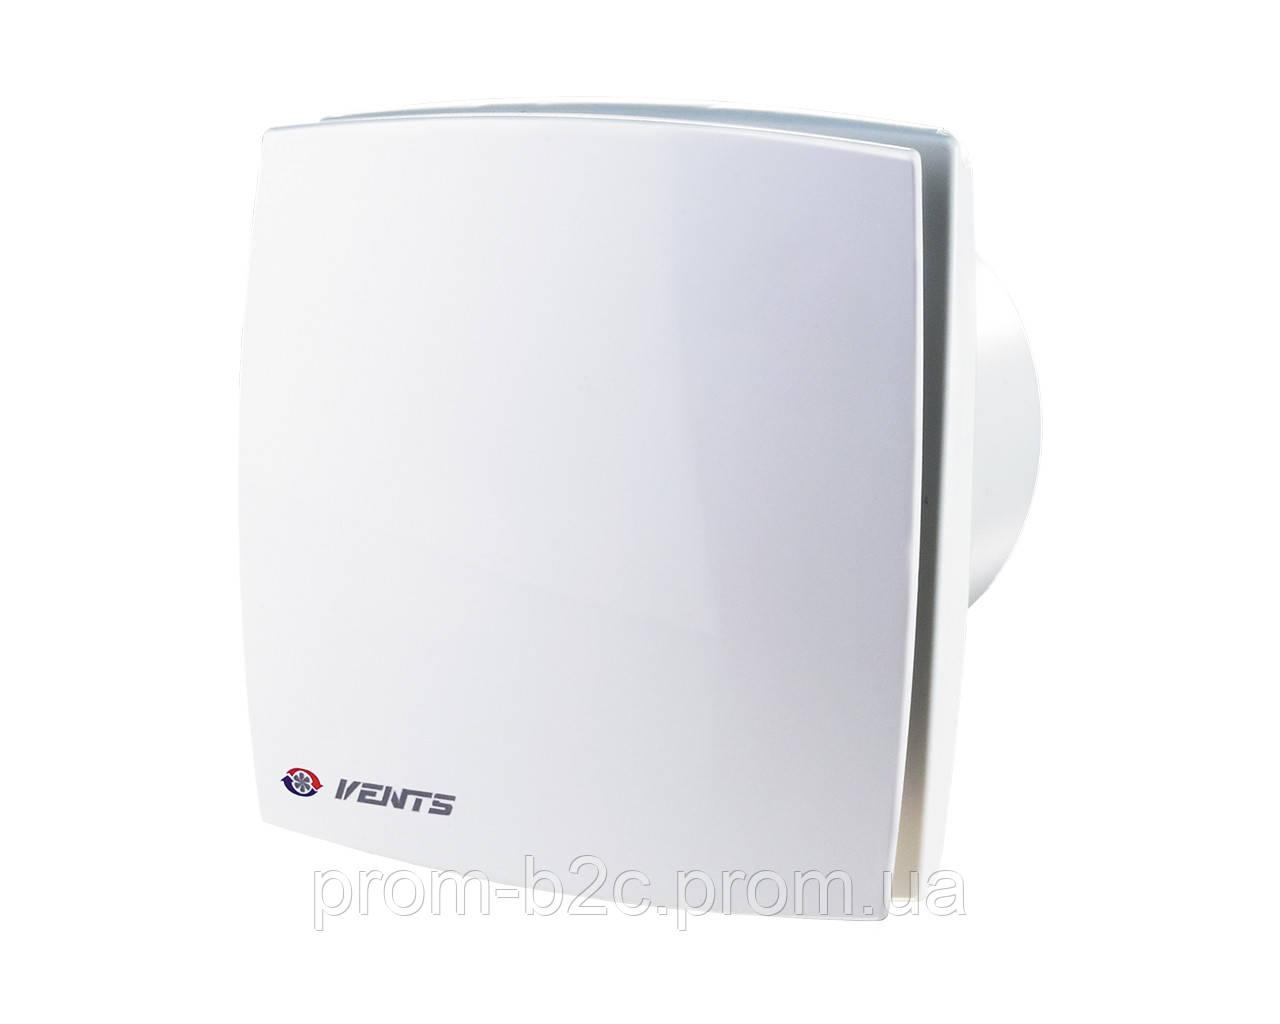 Вентилятор Вентс 100 ЛД